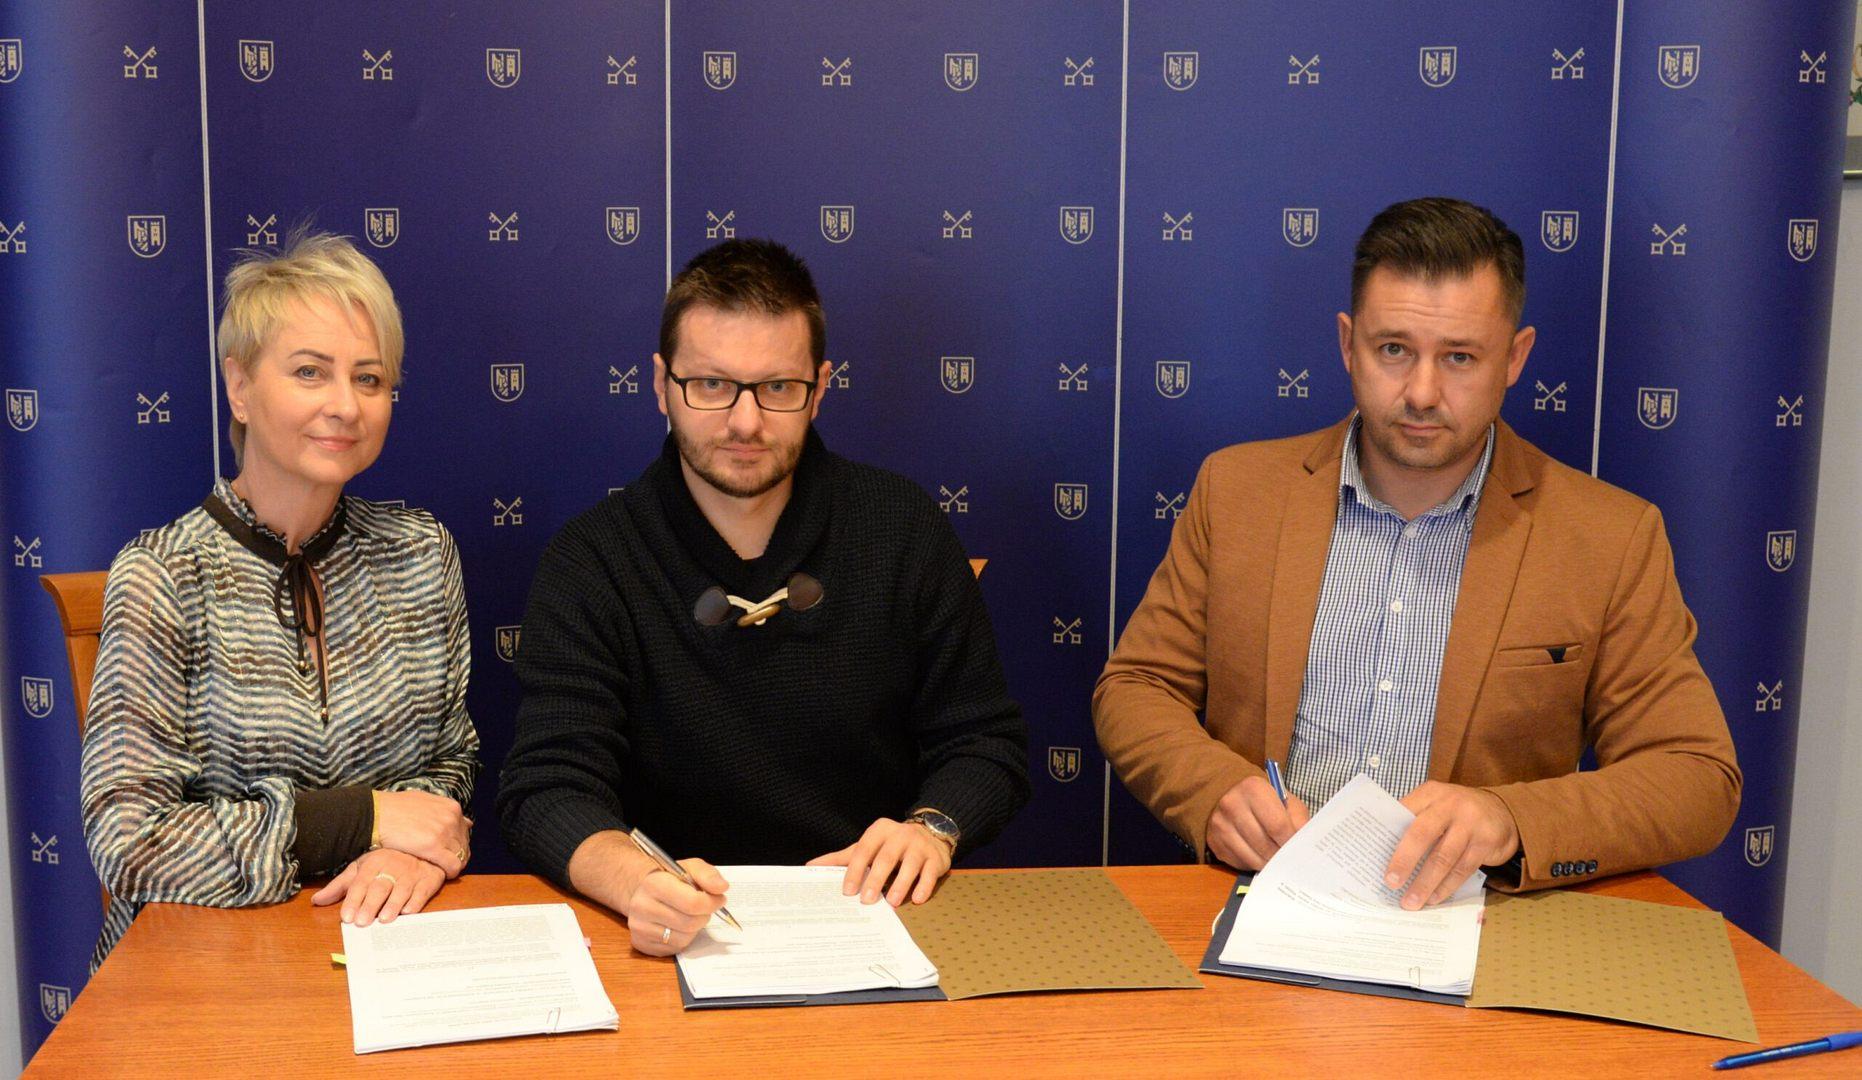 Umowa podpisana, już wkrótce nowa odsłona Szlaku Karola Wojtyły